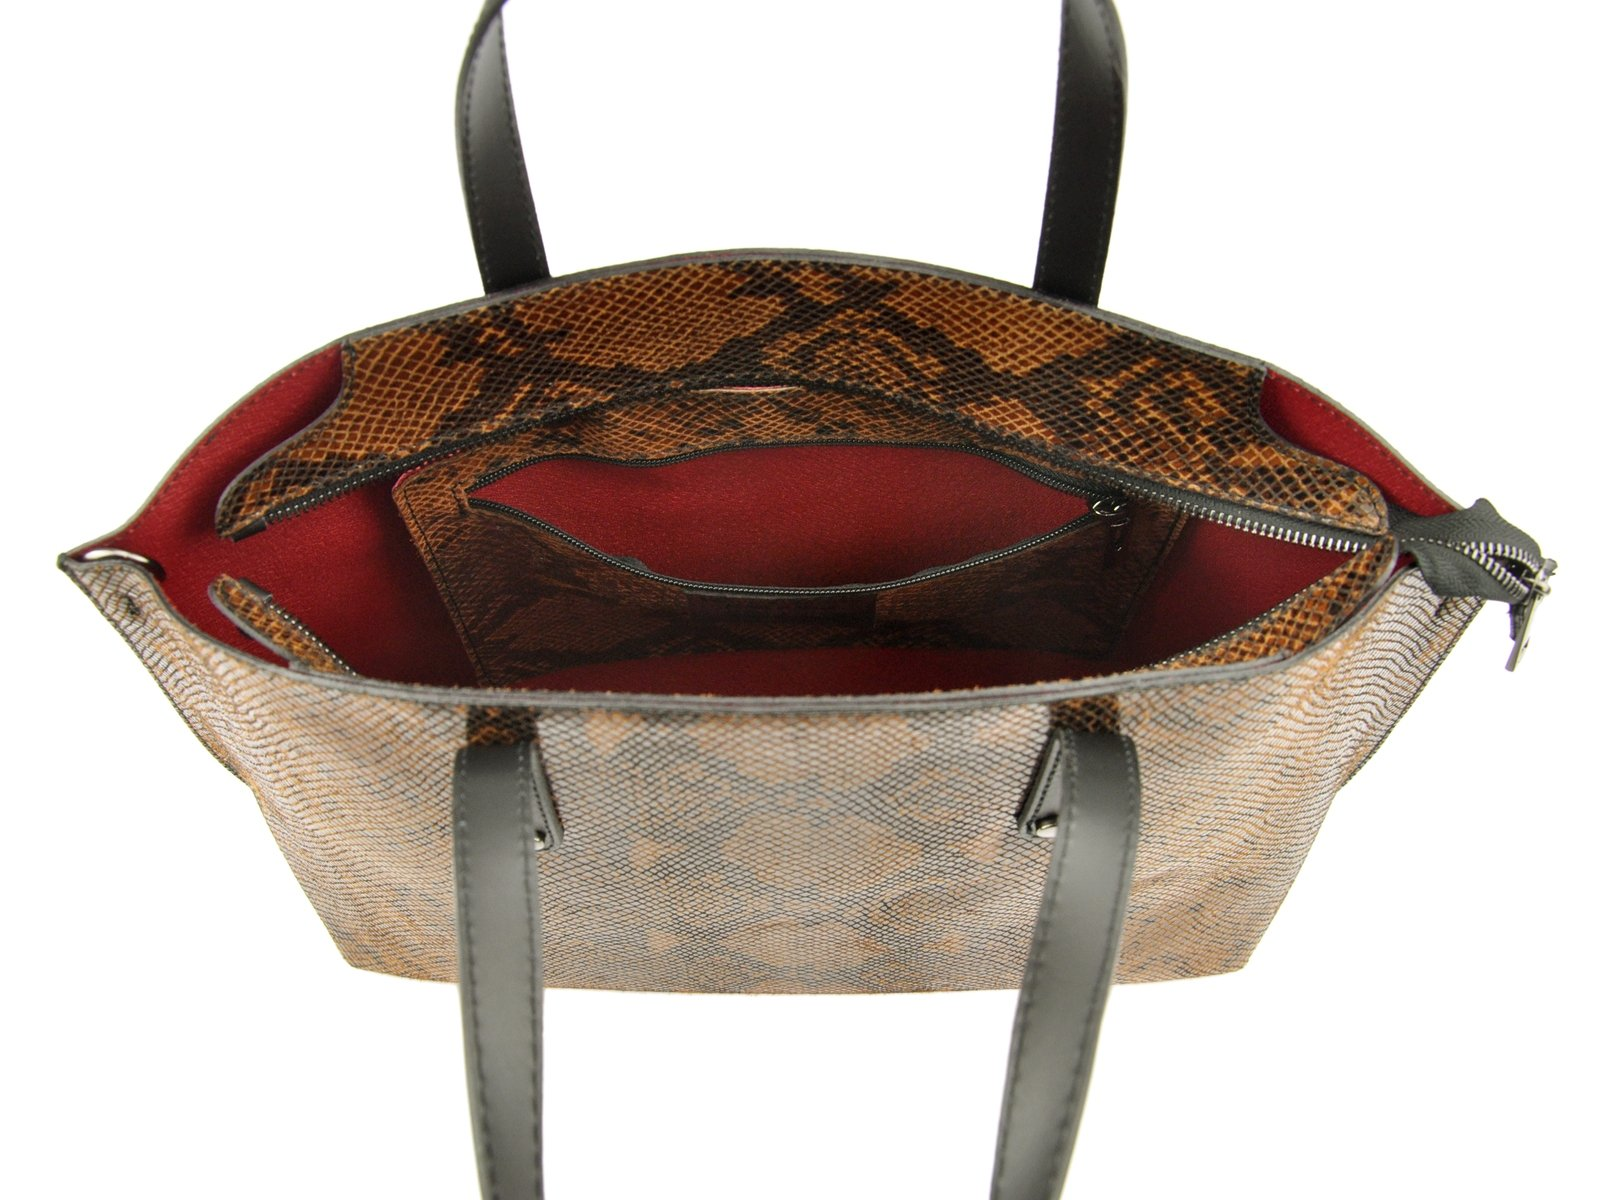 Skórzana torebka A4 skóra wąż